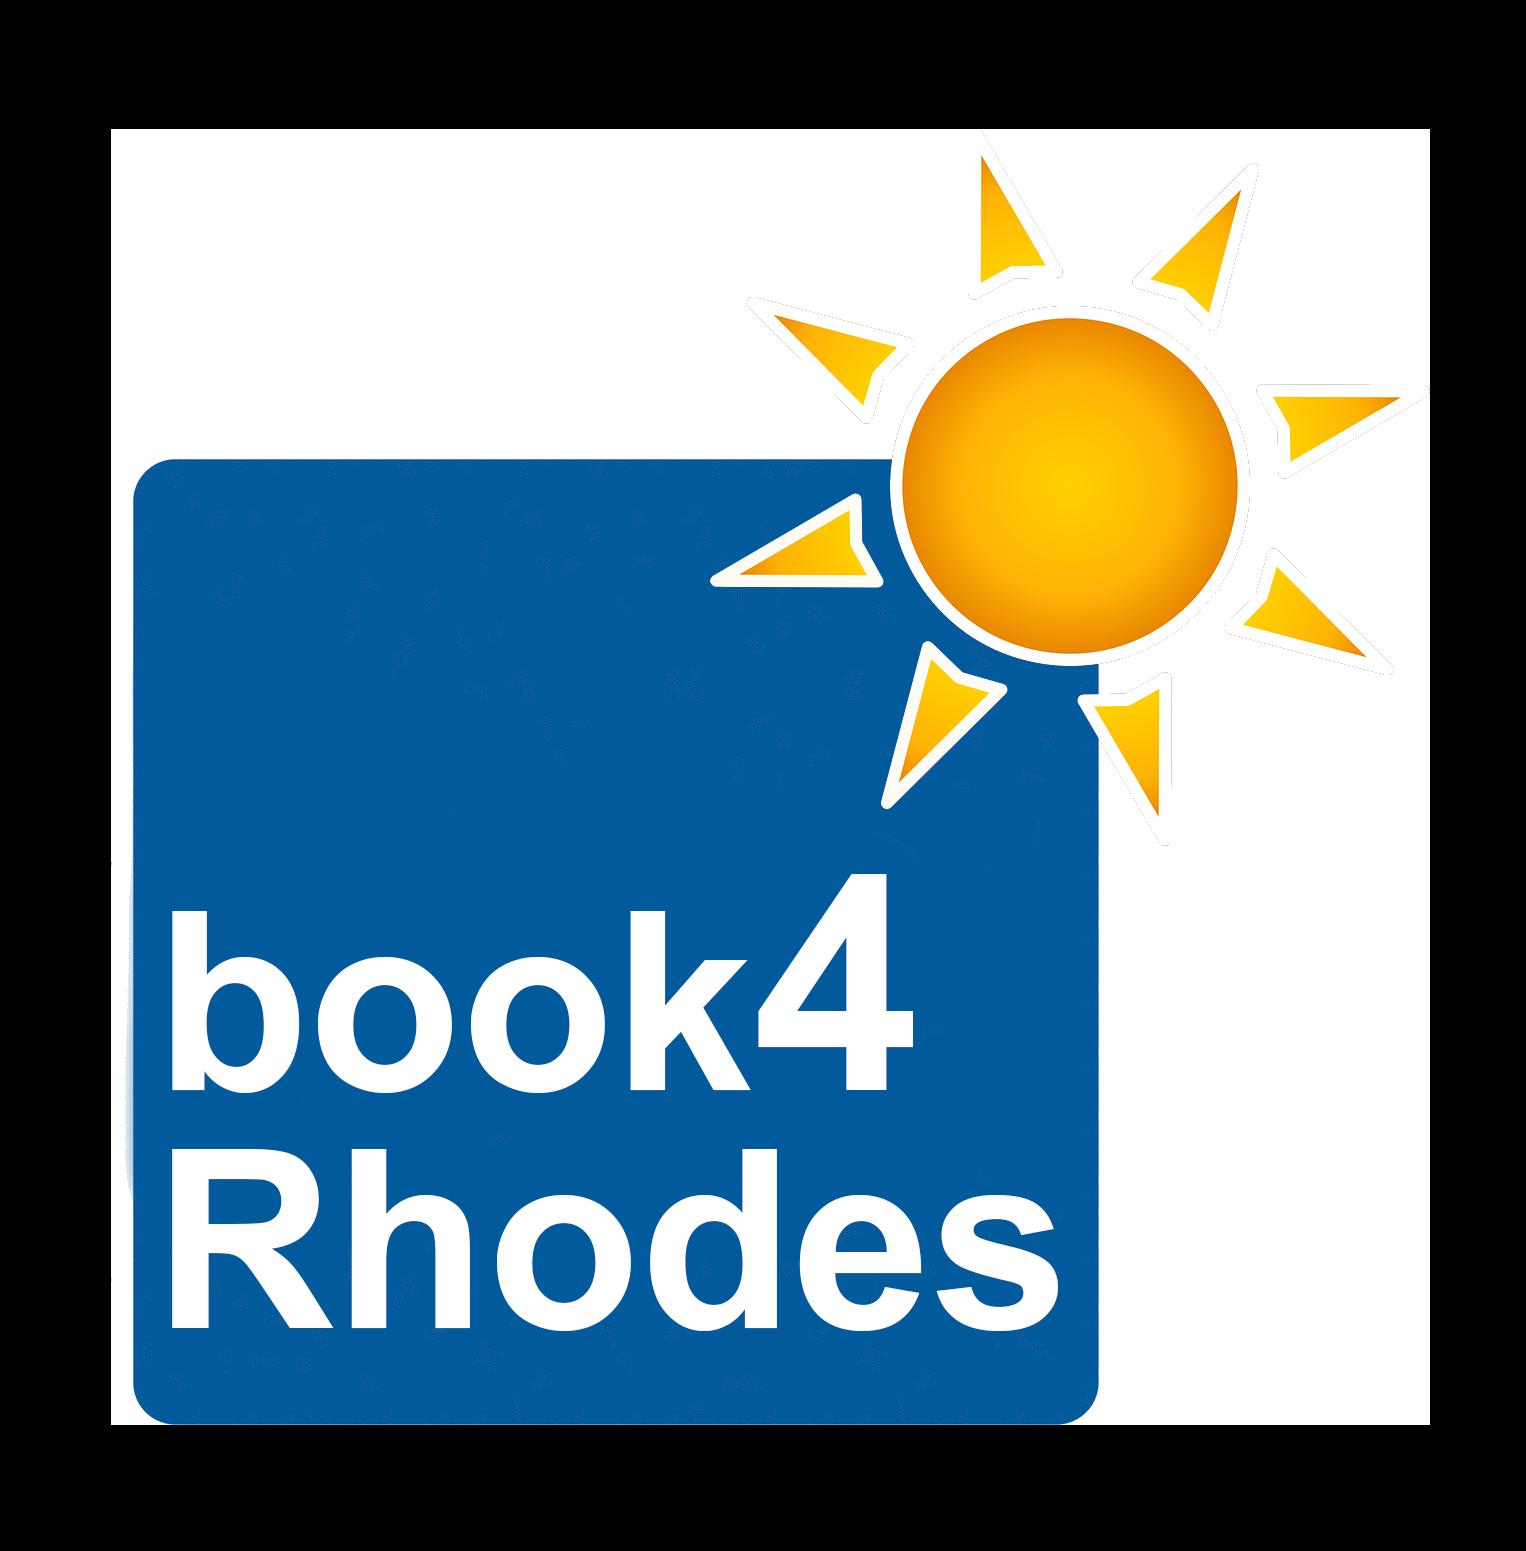 book4rhodes.com